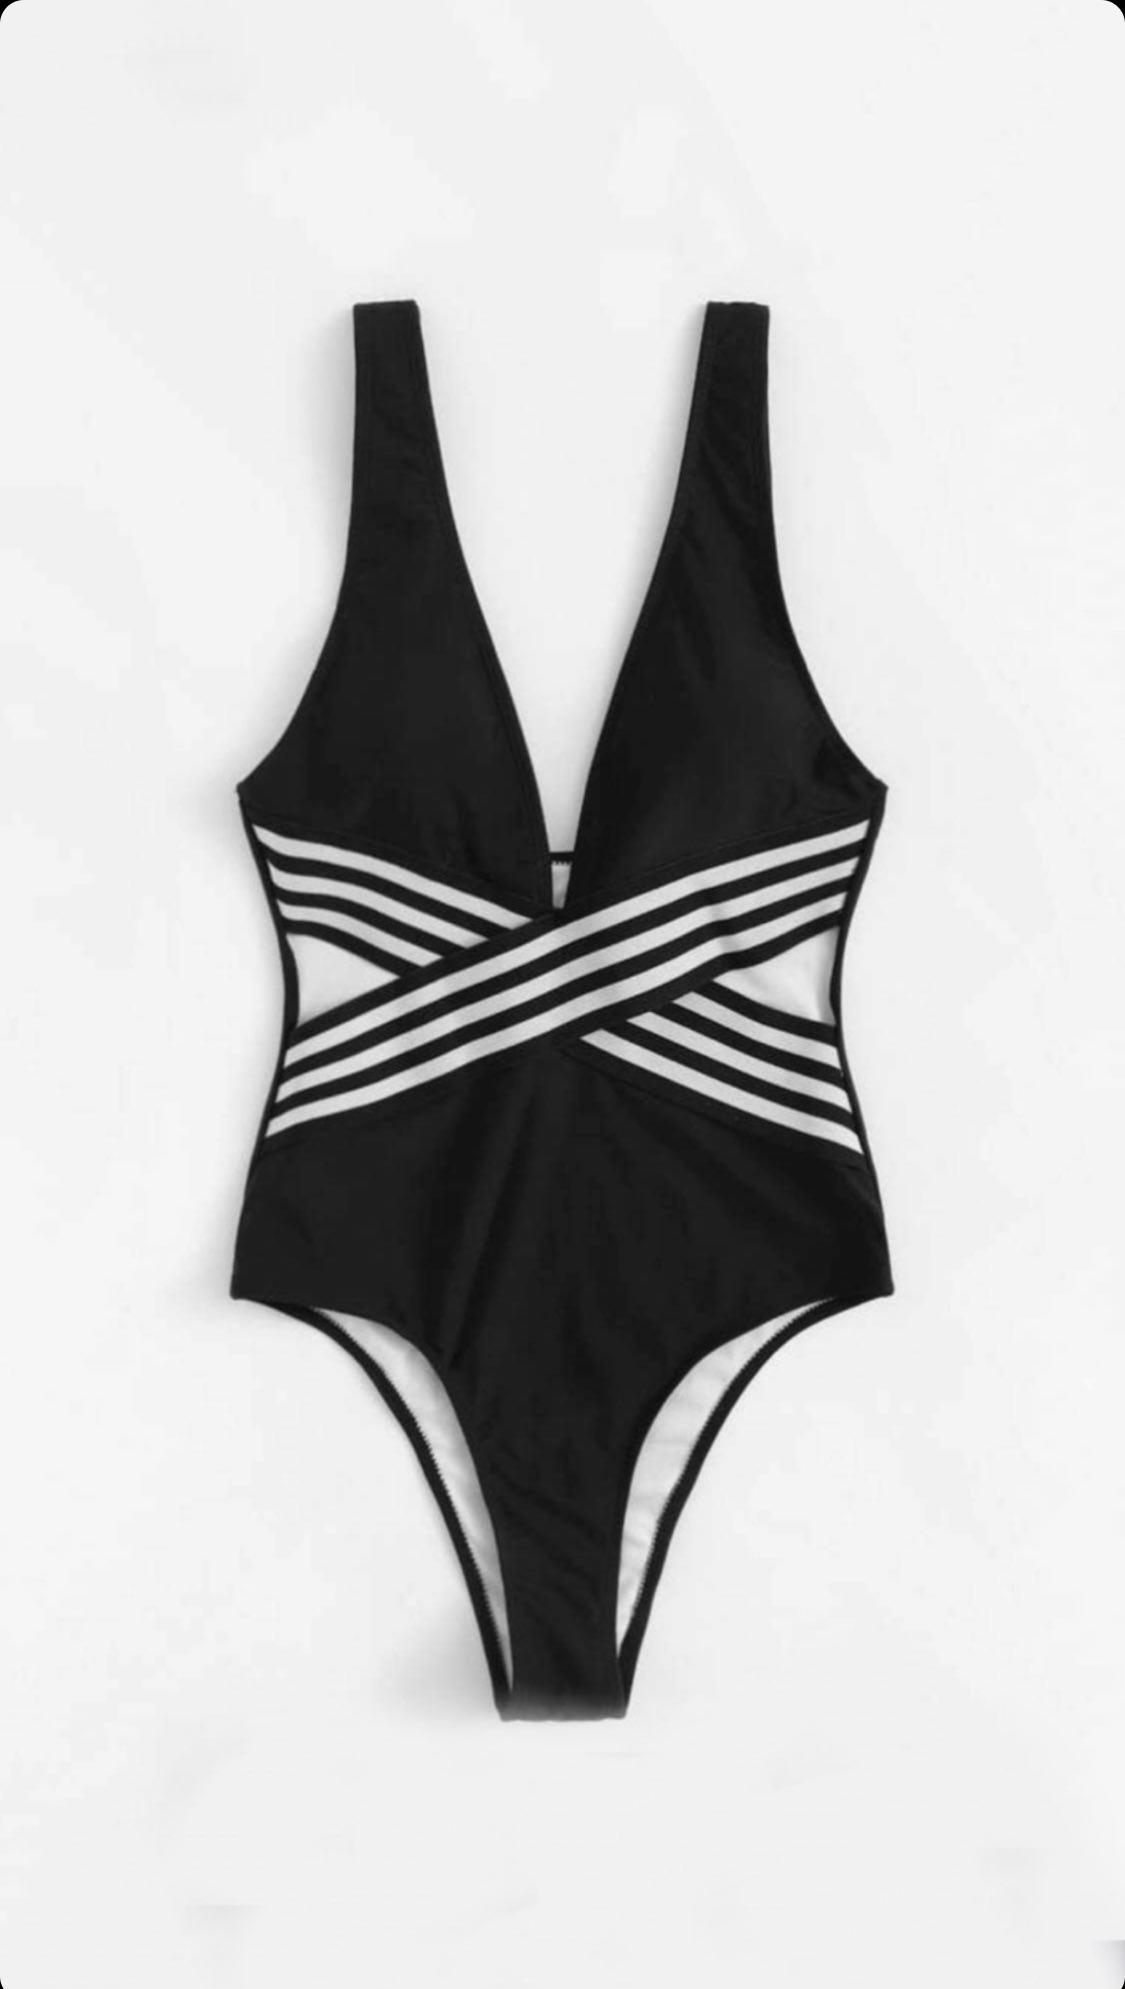 Bañador negro con líneas